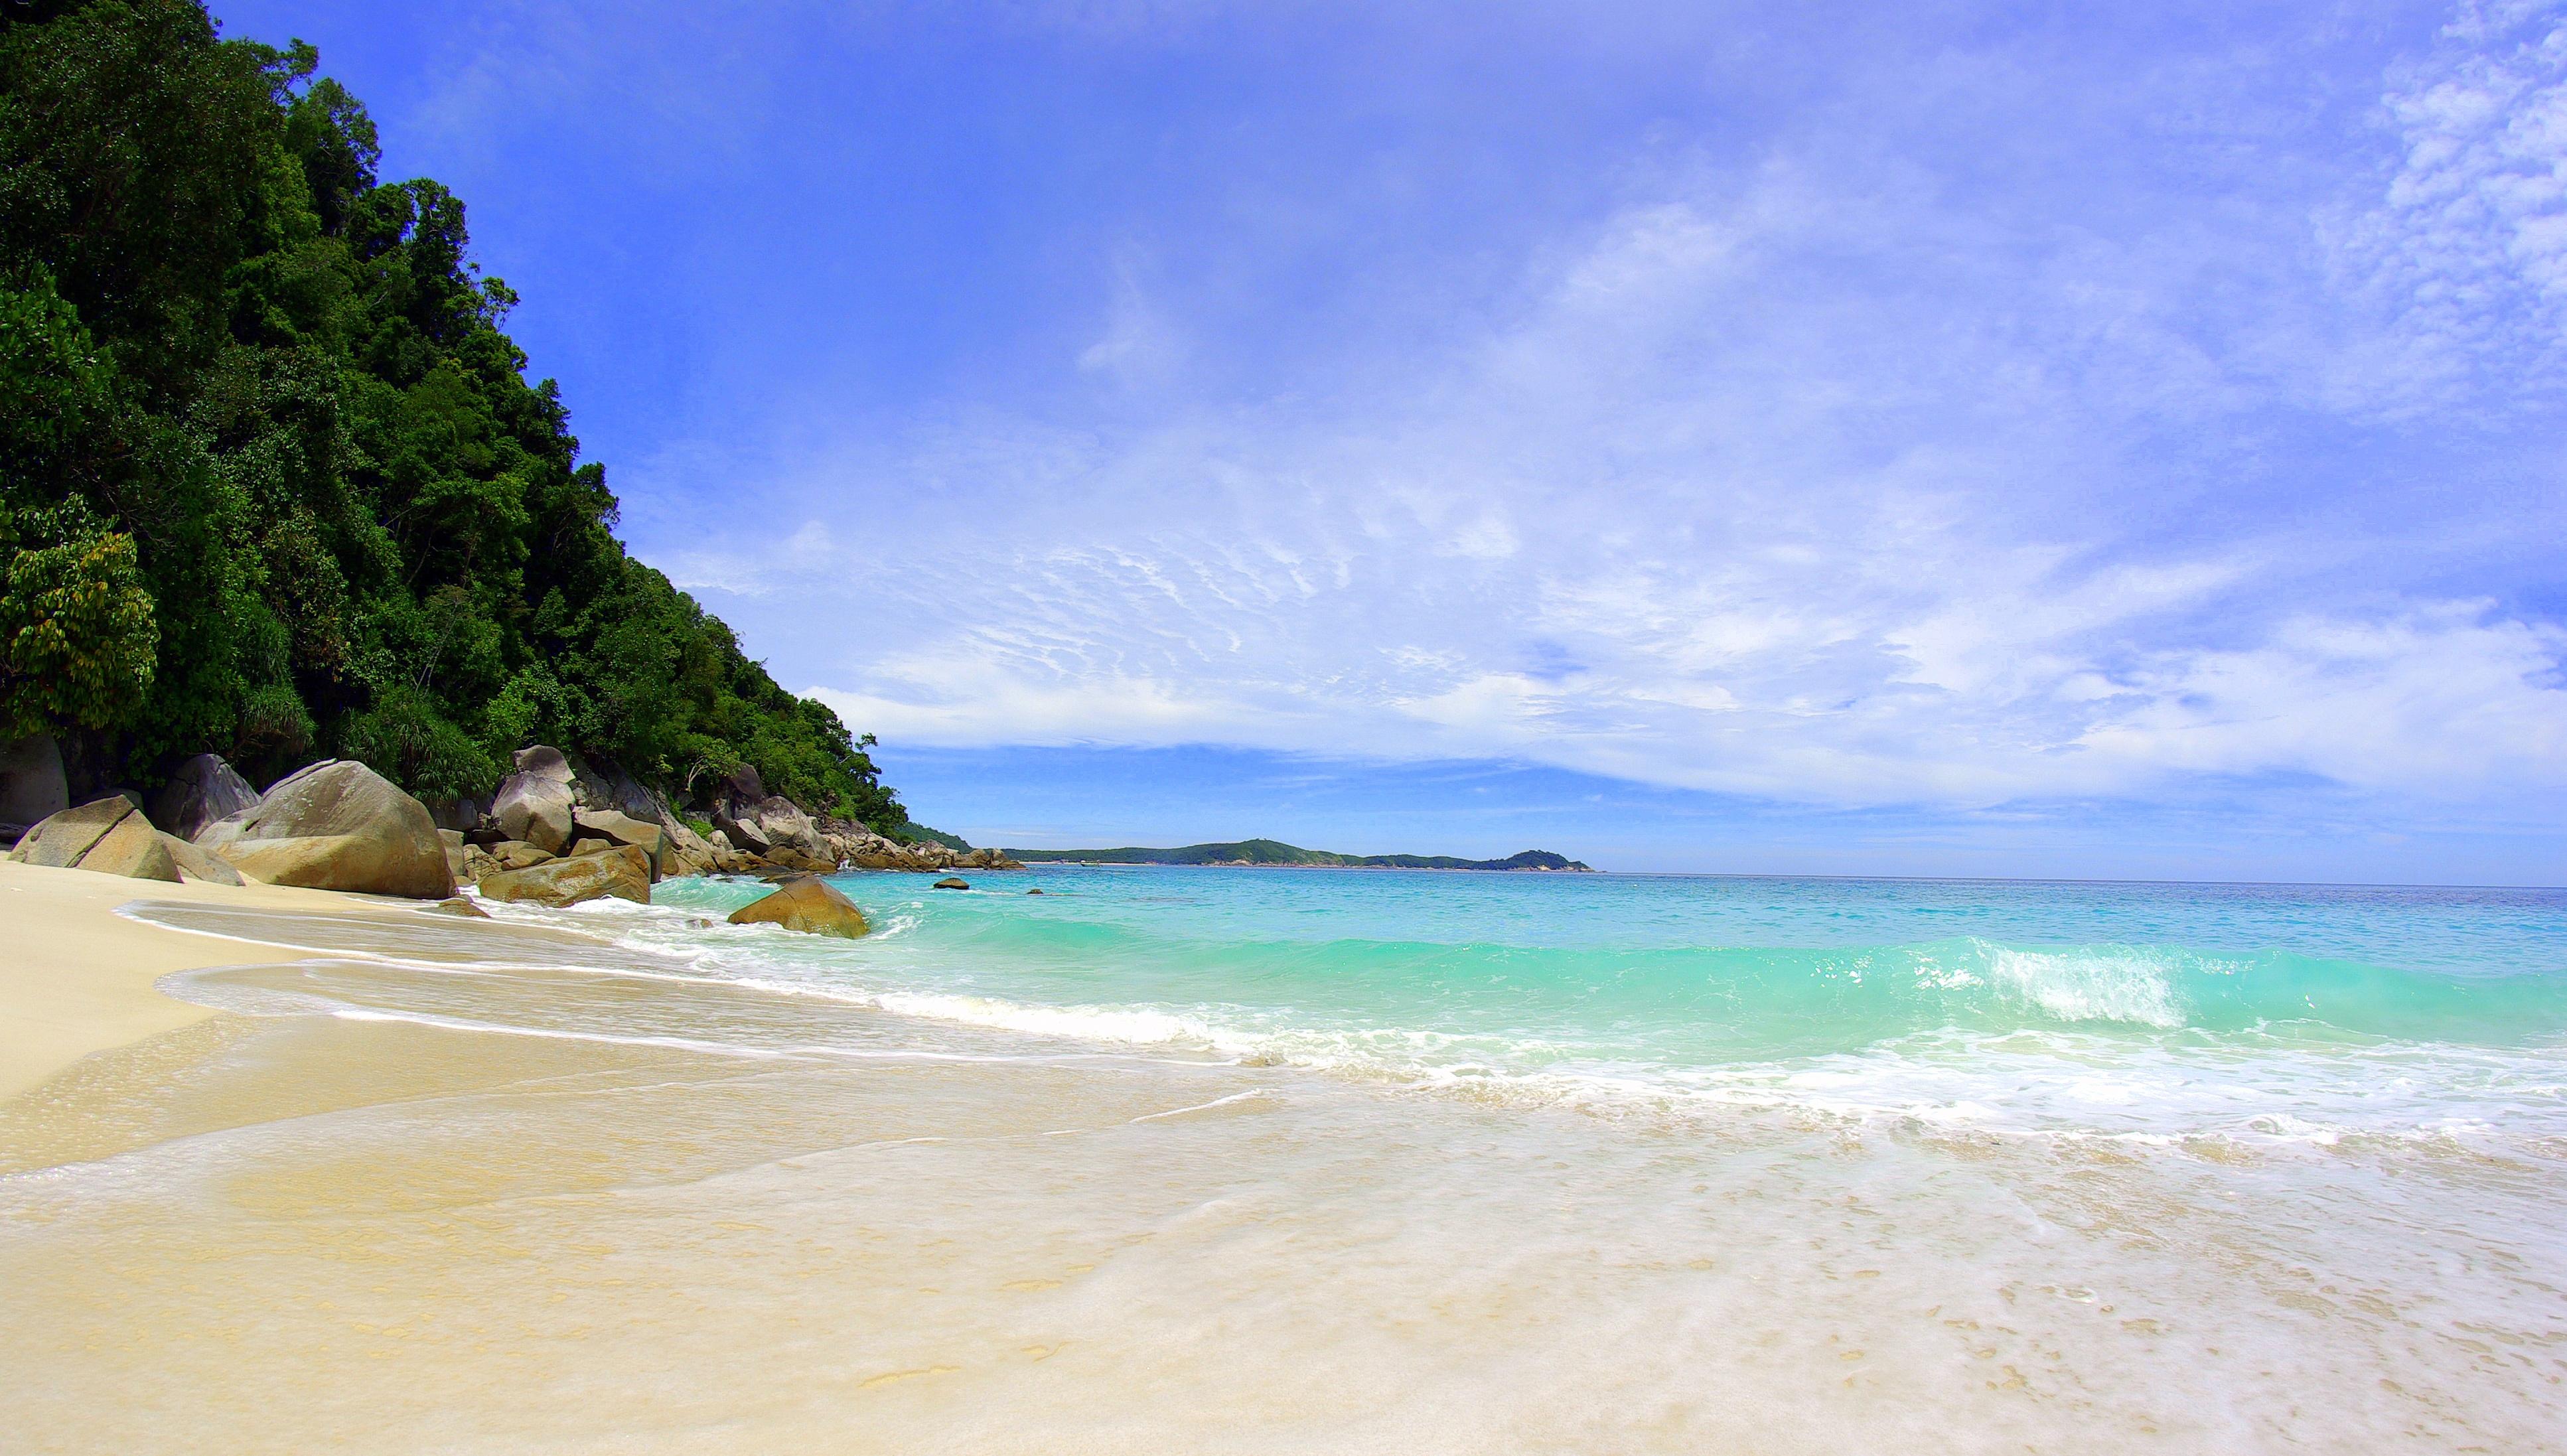 93318 скачать обои Природа, Тропики, Пляж, Море - заставки и картинки бесплатно